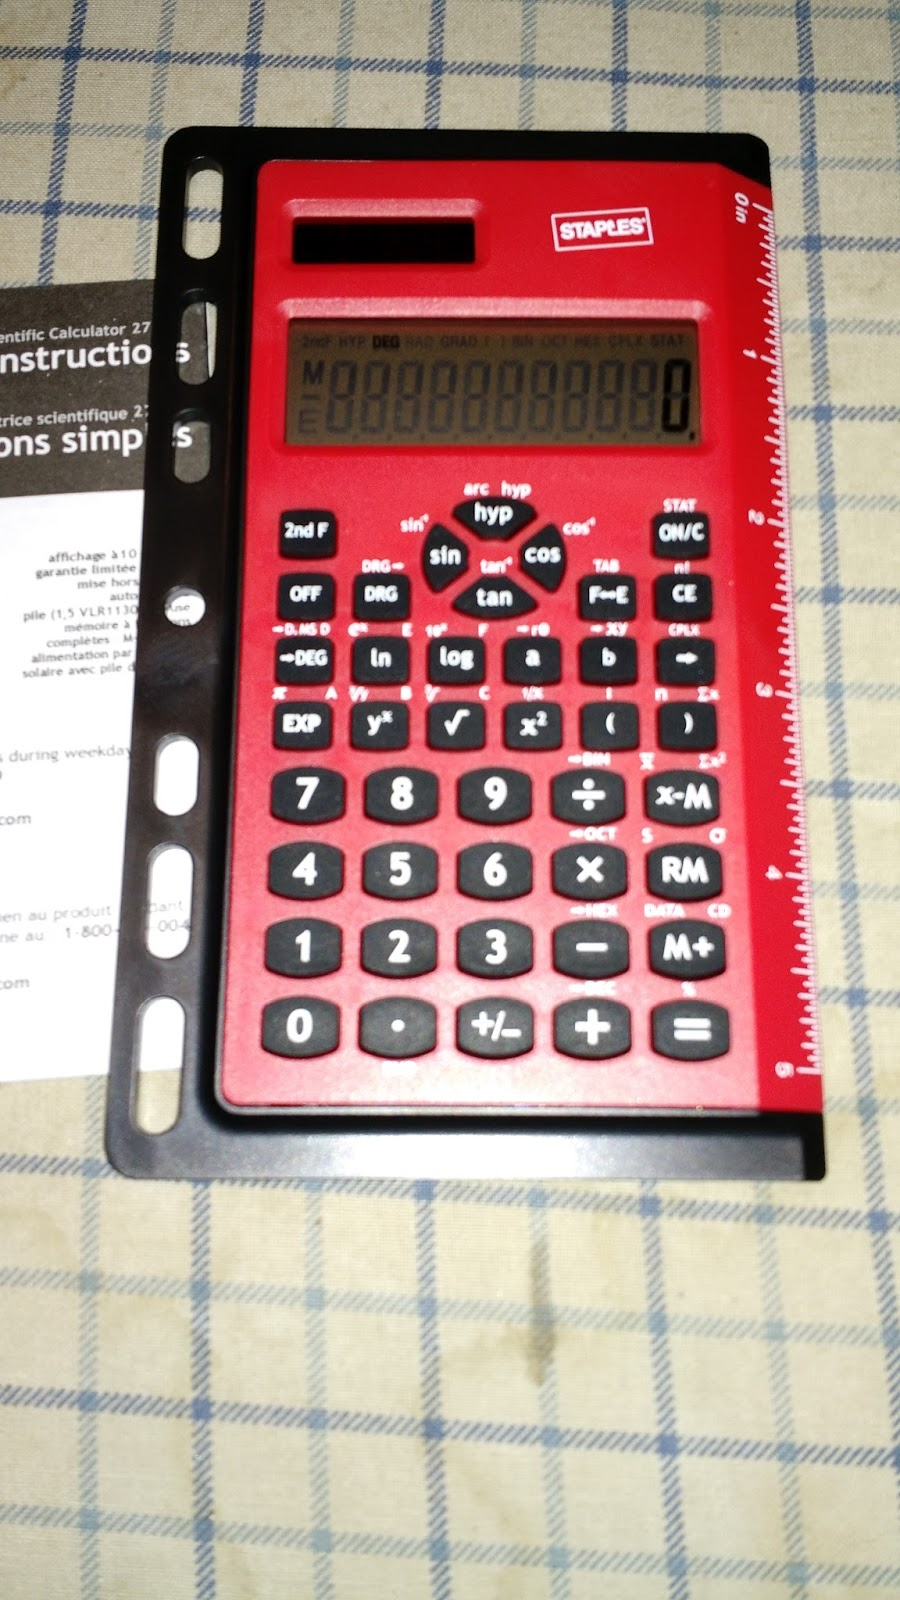 Similar calculators